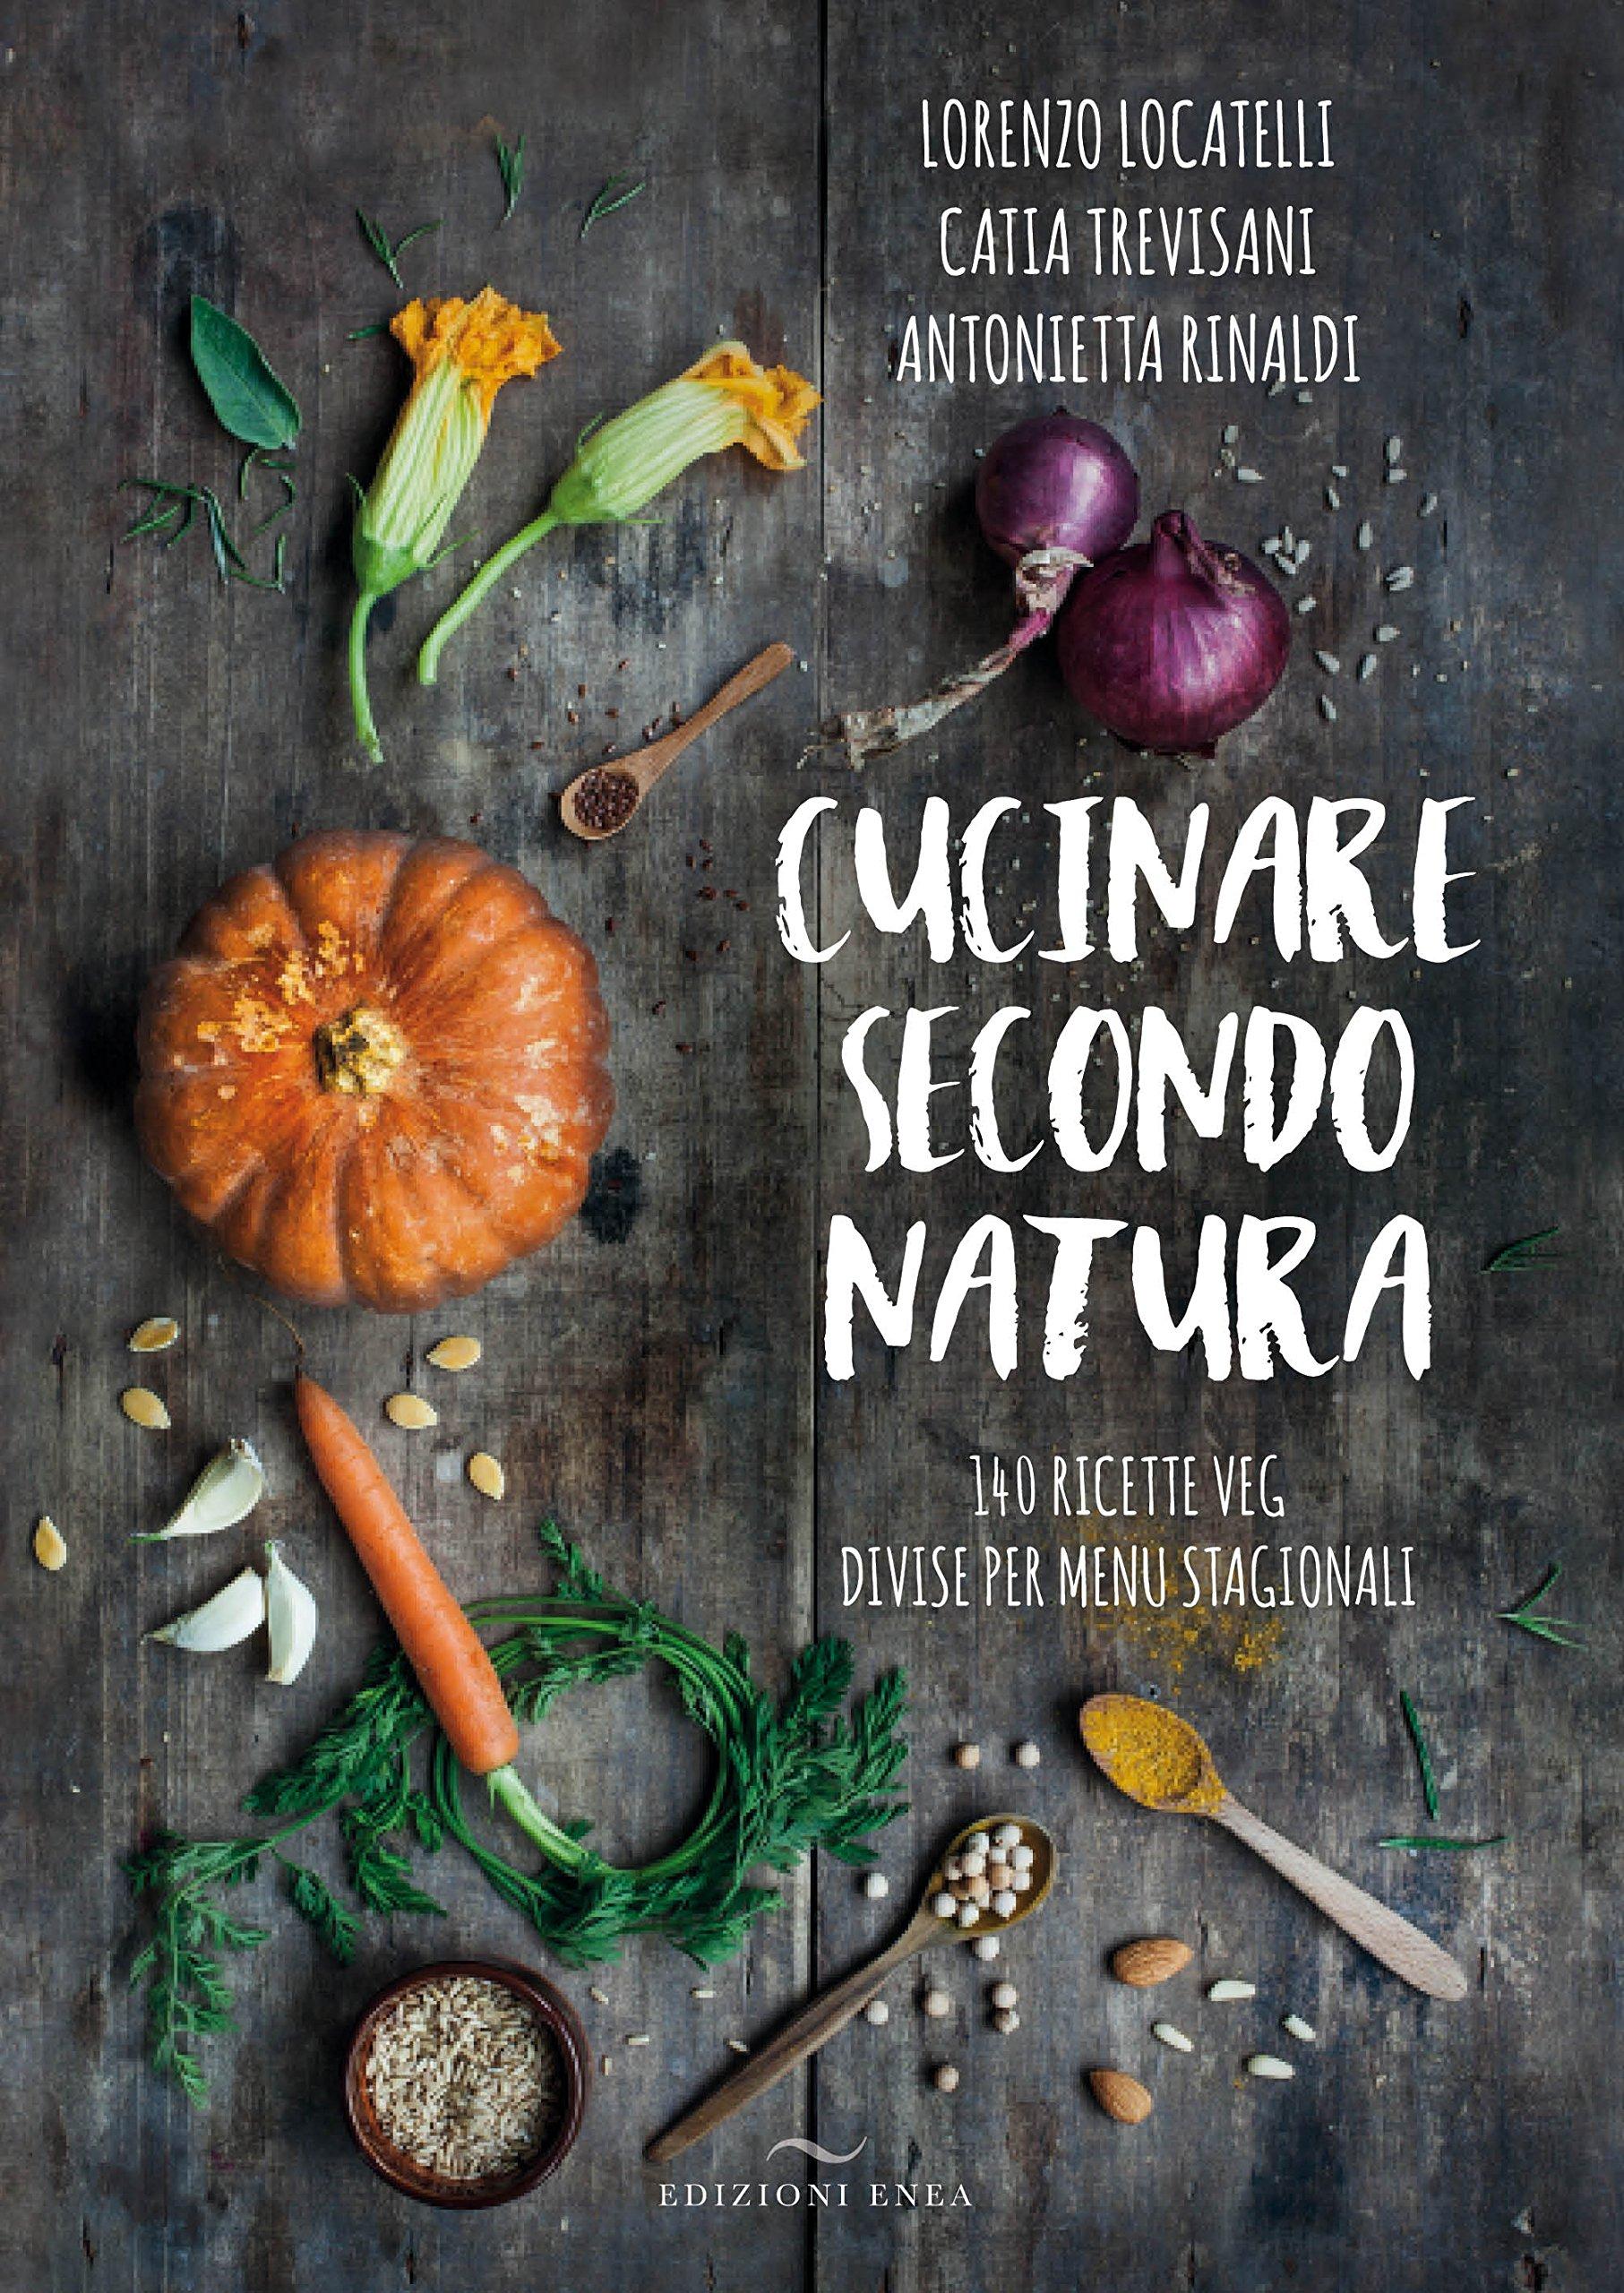 Libri di cucina vegetariana